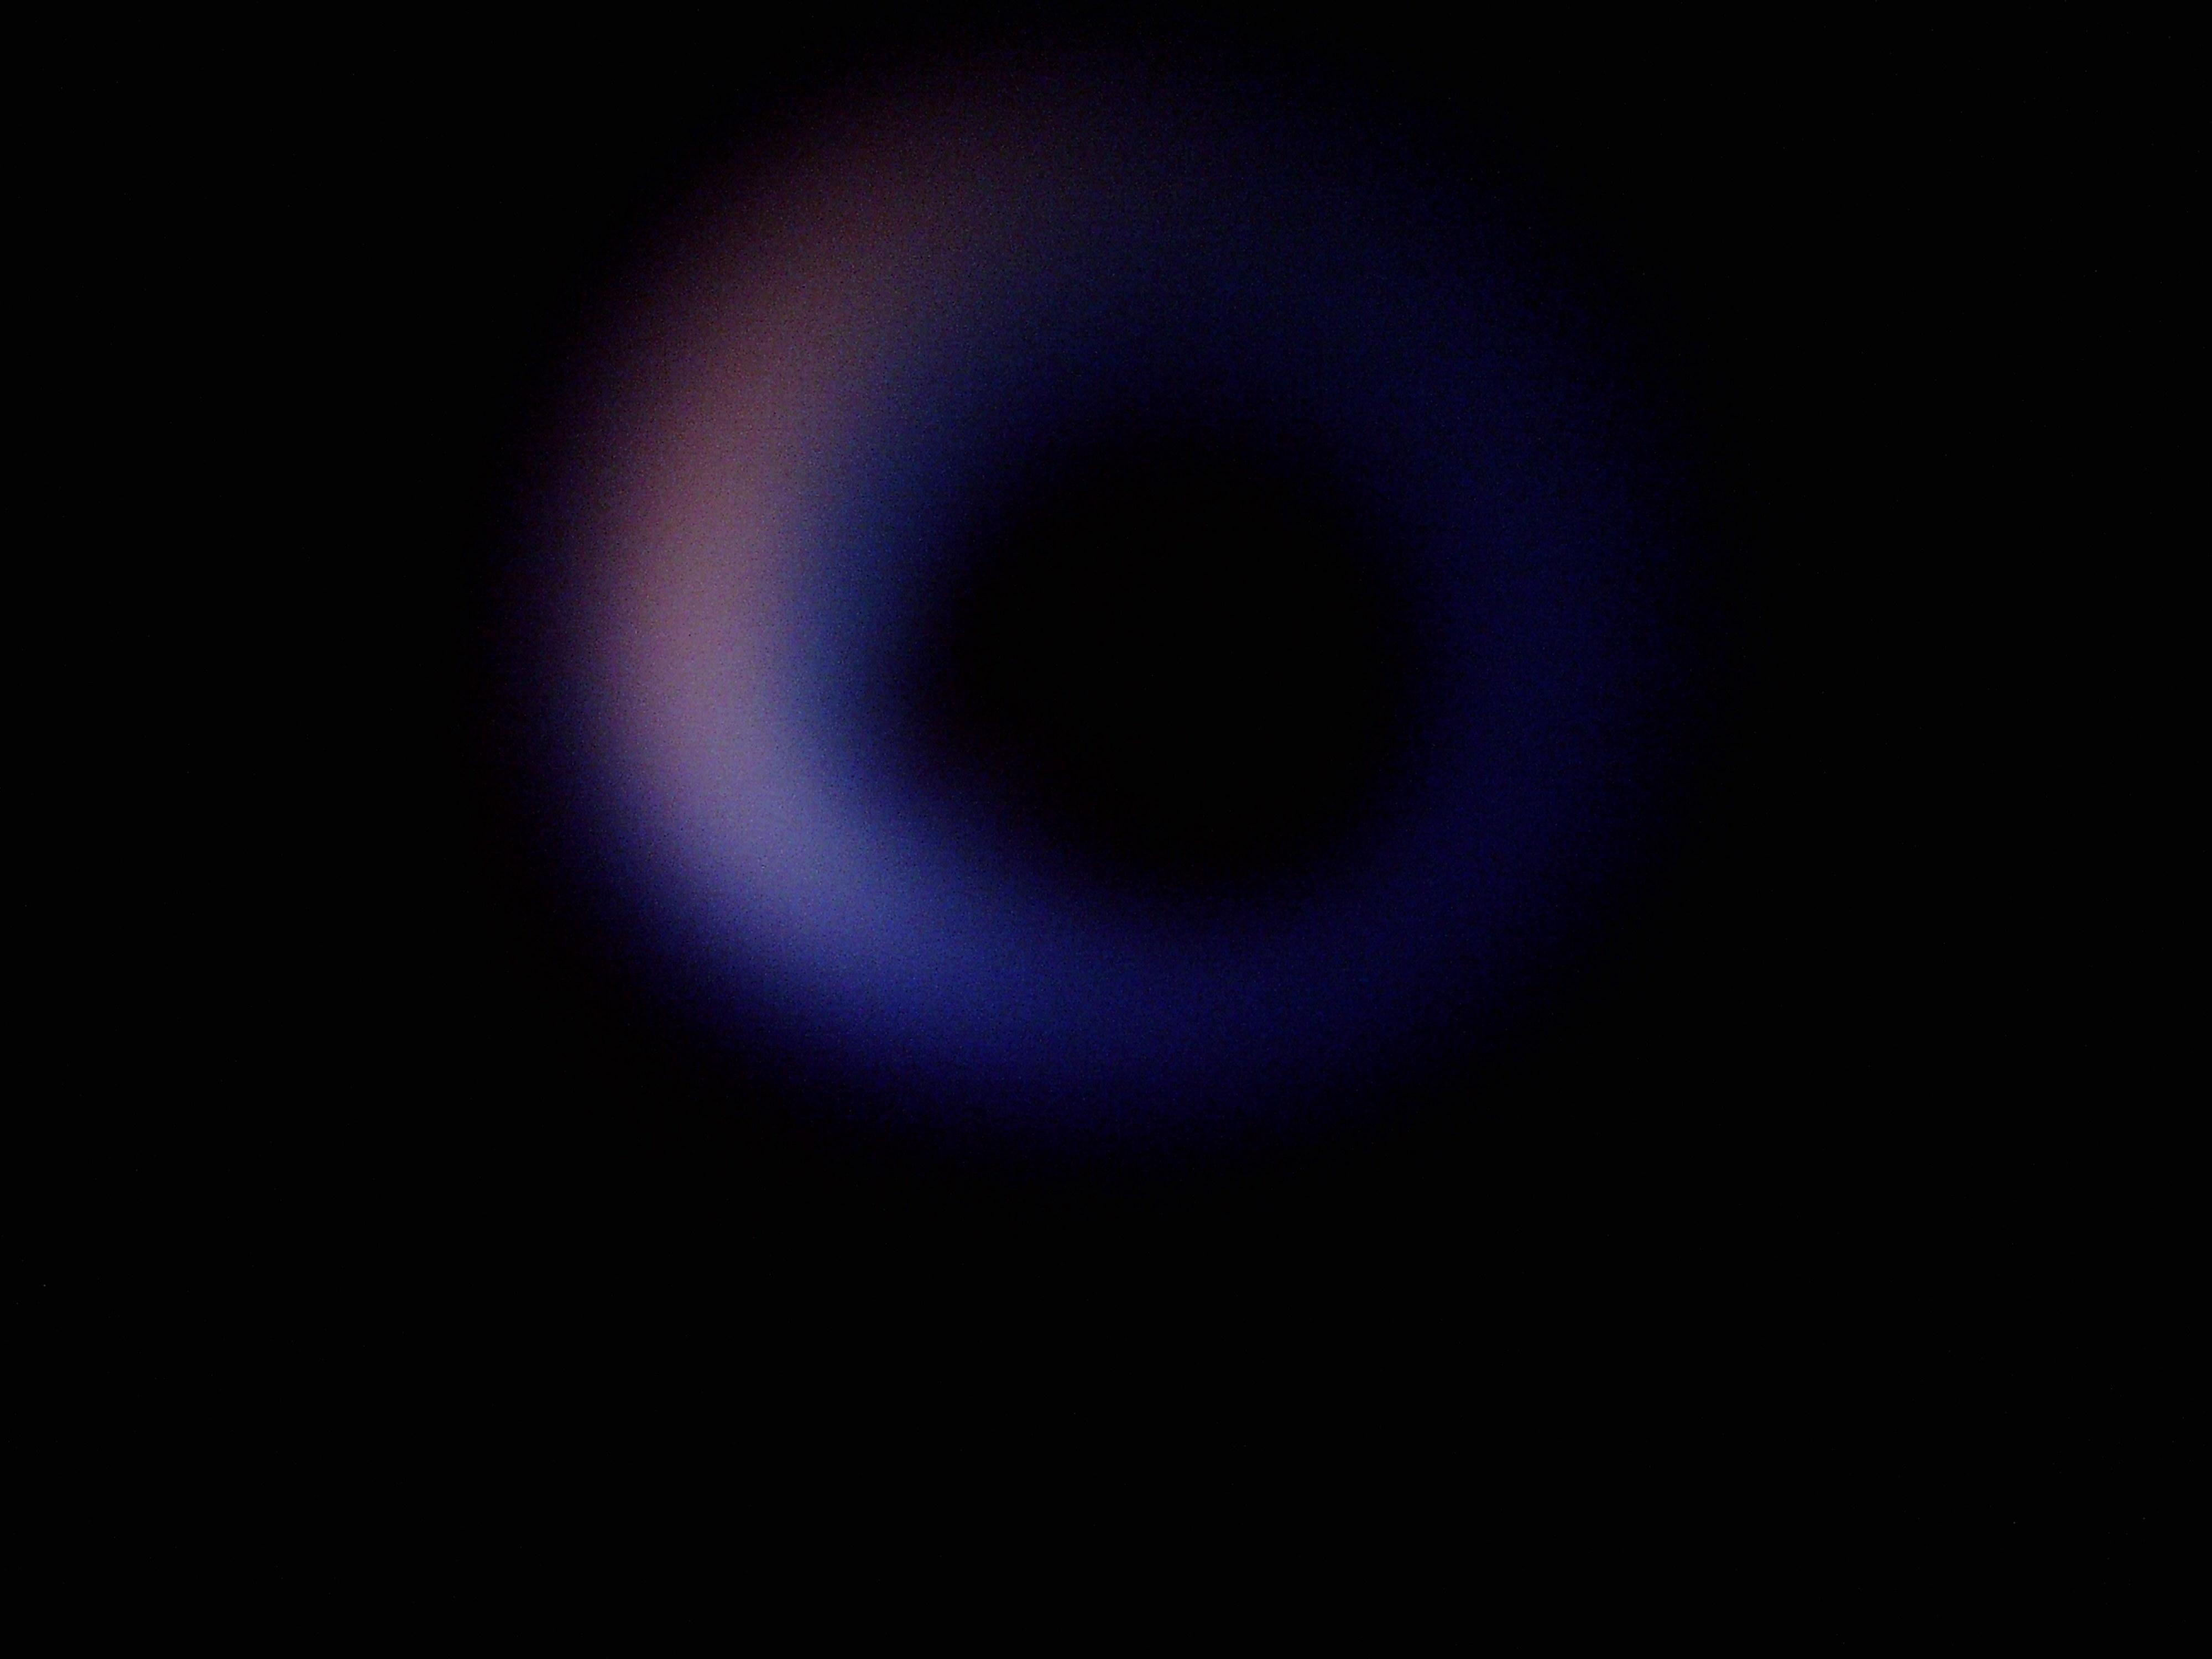 Pełnowymiarowy, niebieski płomyk pod szybką